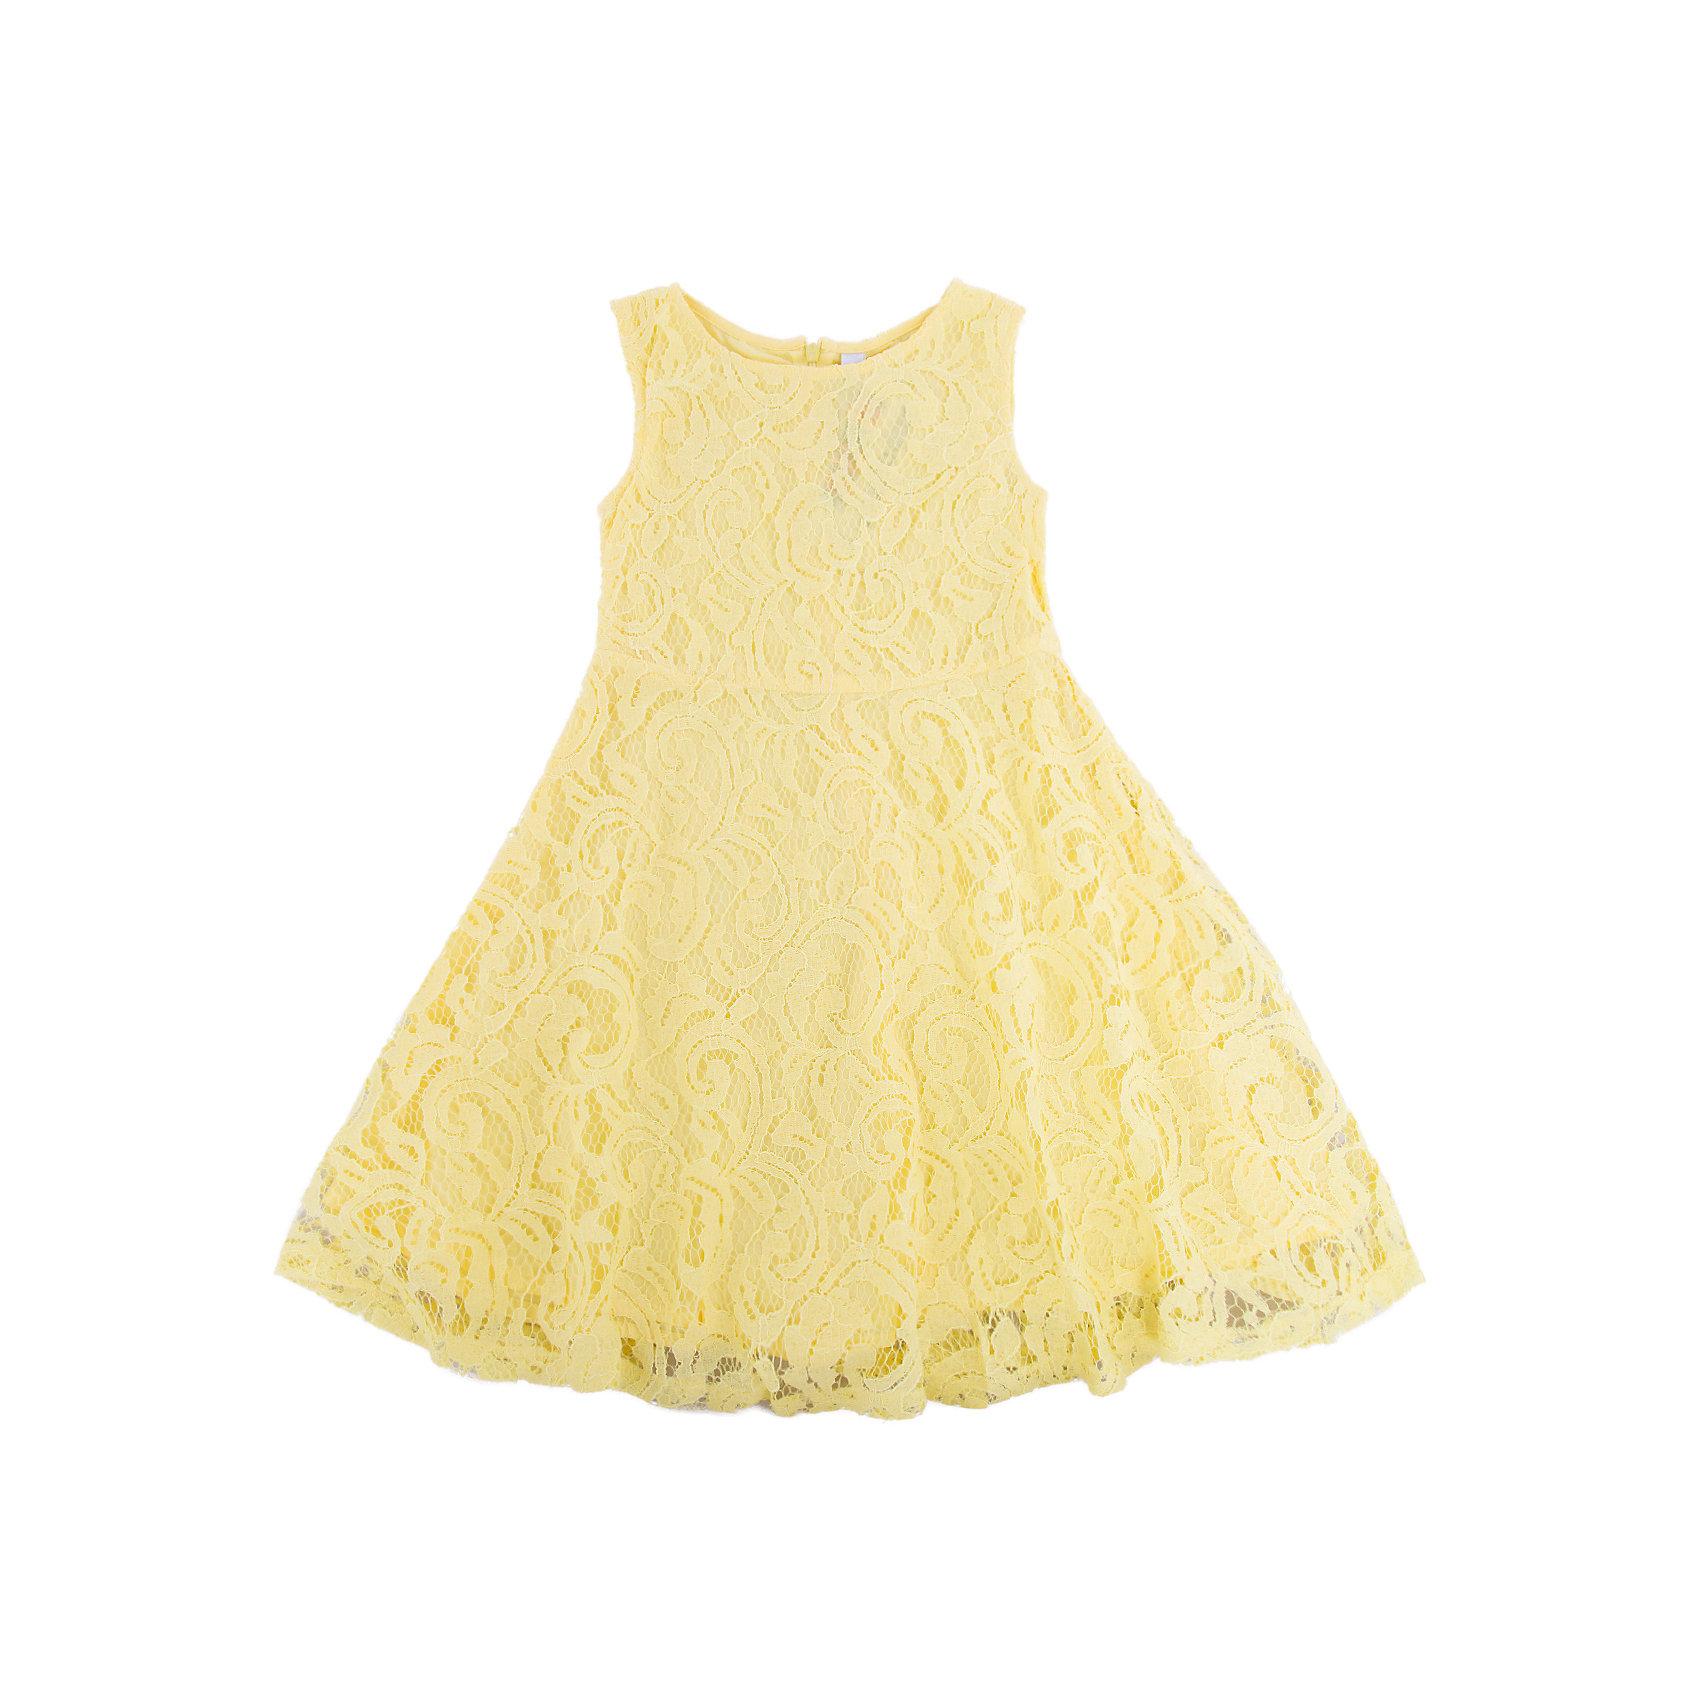 Платье для девочки PlayTodayПлатья и сарафаны<br>Платье для девочки PlayToday<br>Ажурное платье, отрезное по талии, с округлым вырезом у горловины, понравится Вашей моднице. Свободный крой не сковывает движений. Приятная на ощупь ткань не раздражает нежную кожу ребенка. Модель на подкладке из натурального хлопка. Платье будет прекрасным дополнением к детскому летнему гардеробу. <br><br>Преимущества: <br><br>Платье на подкладке из натурального хлопка<br>Мягкая ткань не вызывает раздражений<br>Свободный крой не сковывает движений ребенка<br><br>Состав:<br>Верх: 80% хлопок, 20% полиамид; подкладка: 100% хлопок<br><br>Ширина мм: 236<br>Глубина мм: 16<br>Высота мм: 184<br>Вес г: 177<br>Цвет: желтый<br>Возраст от месяцев: 84<br>Возраст до месяцев: 96<br>Пол: Женский<br>Возраст: Детский<br>Размер: 128,98,104,110,116,122<br>SKU: 5404293